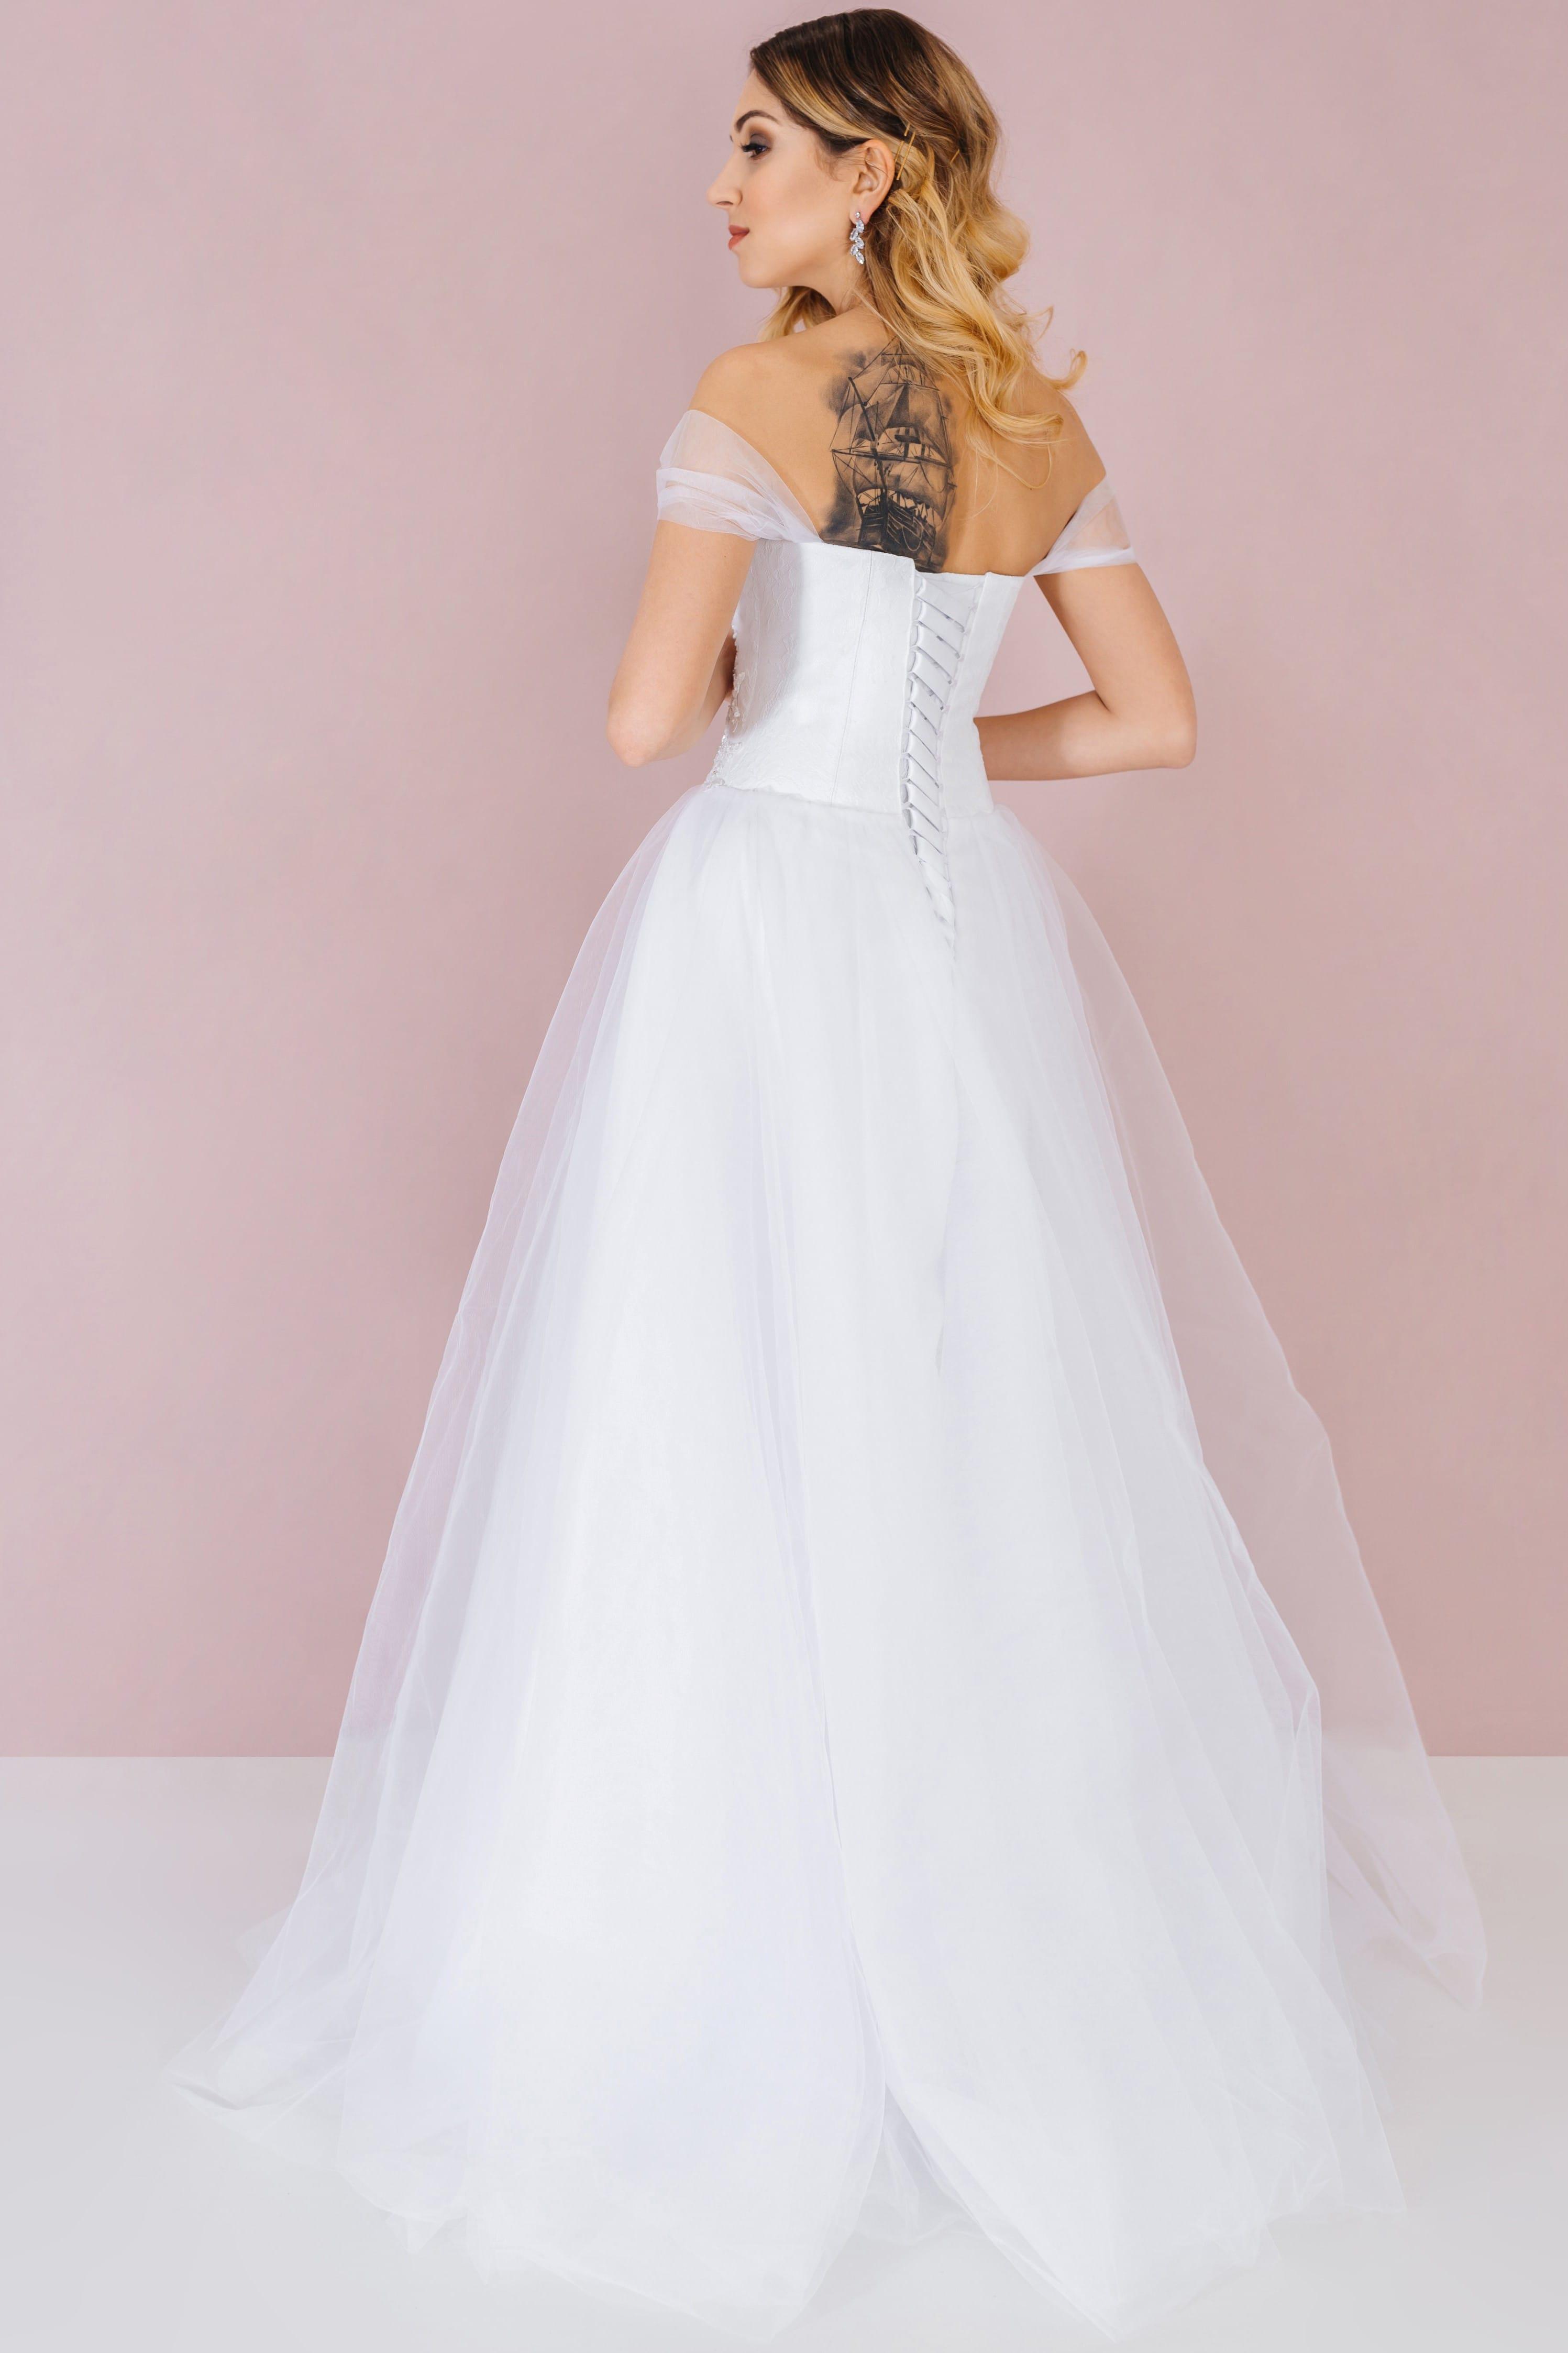 Свадебное платье PEGGIE, коллекция LOFT, бренд RARE BRIDAL, фото 3